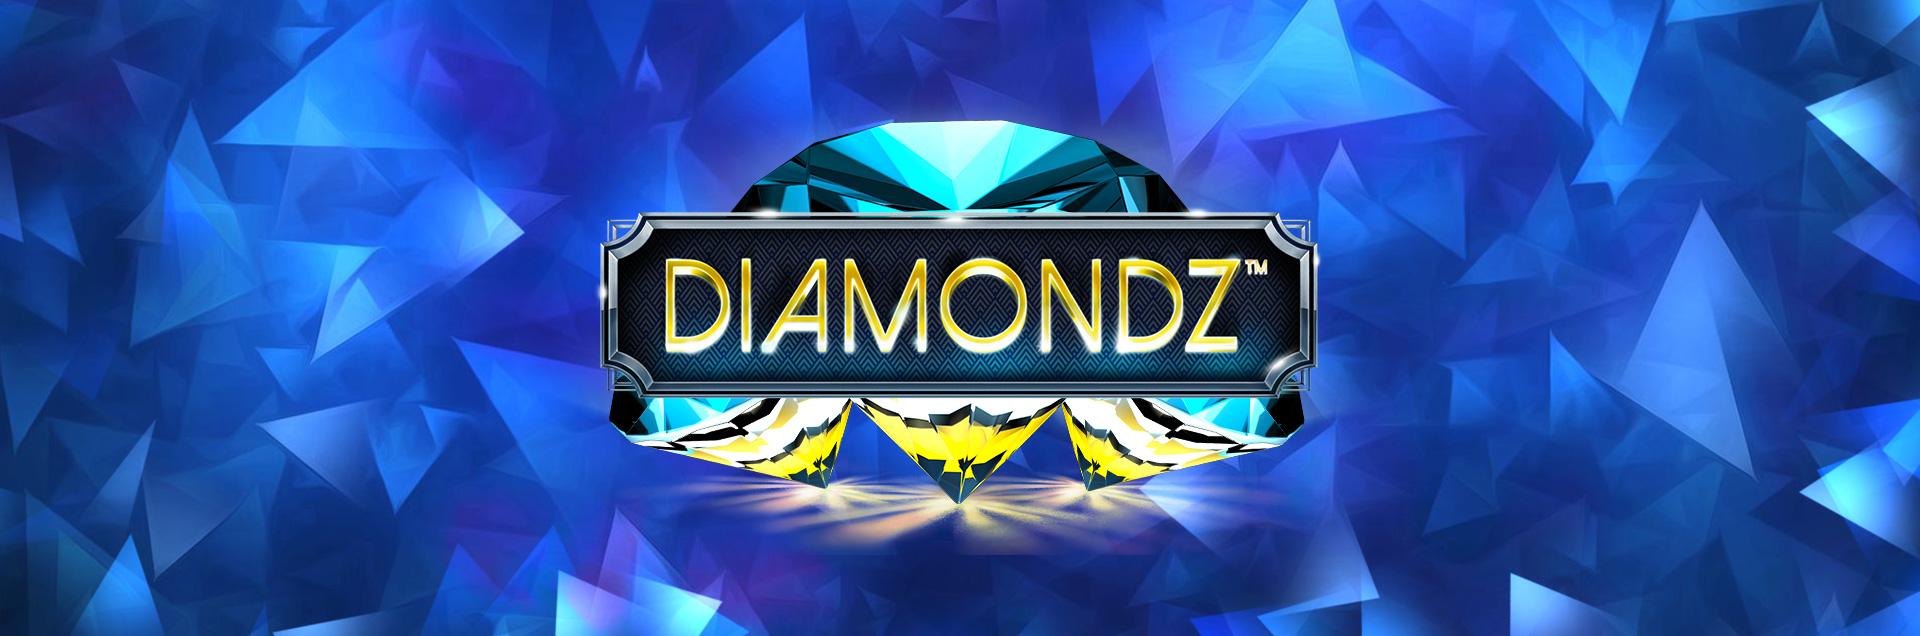 DiamondZ header games